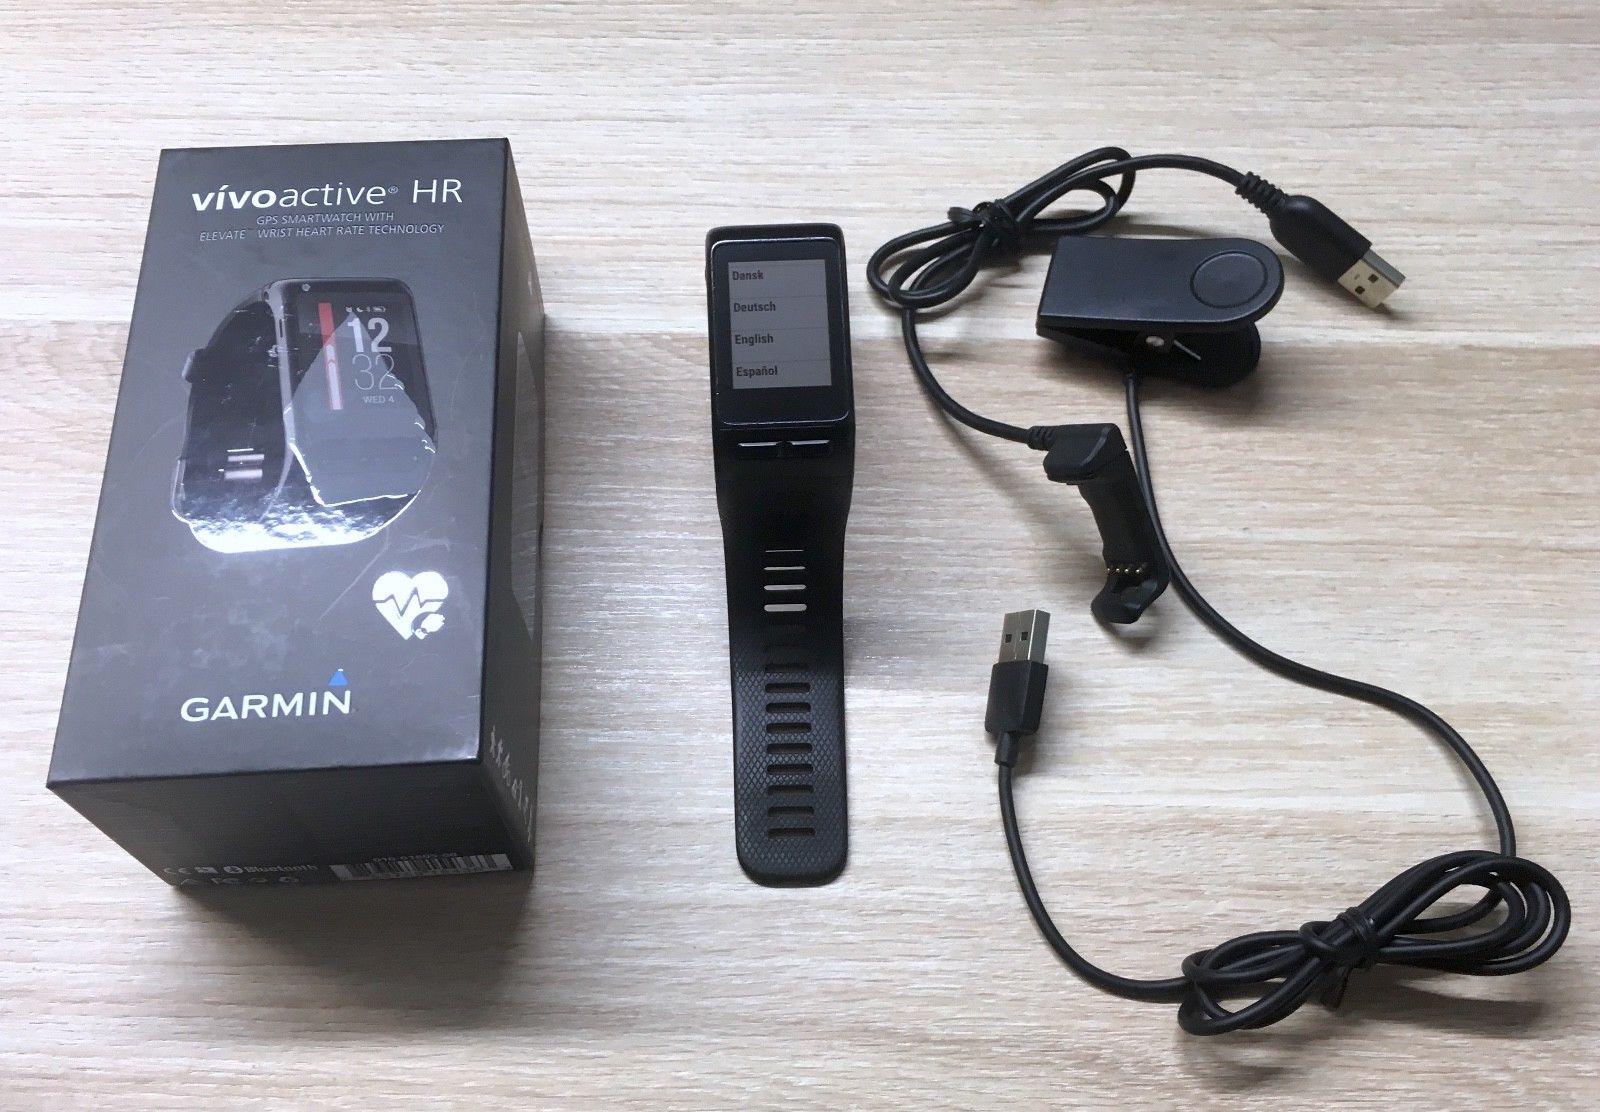 Swarovski Entfernungsmesser Quad : Garmin vivoactive hr gps smartwatch mit pulsmesser